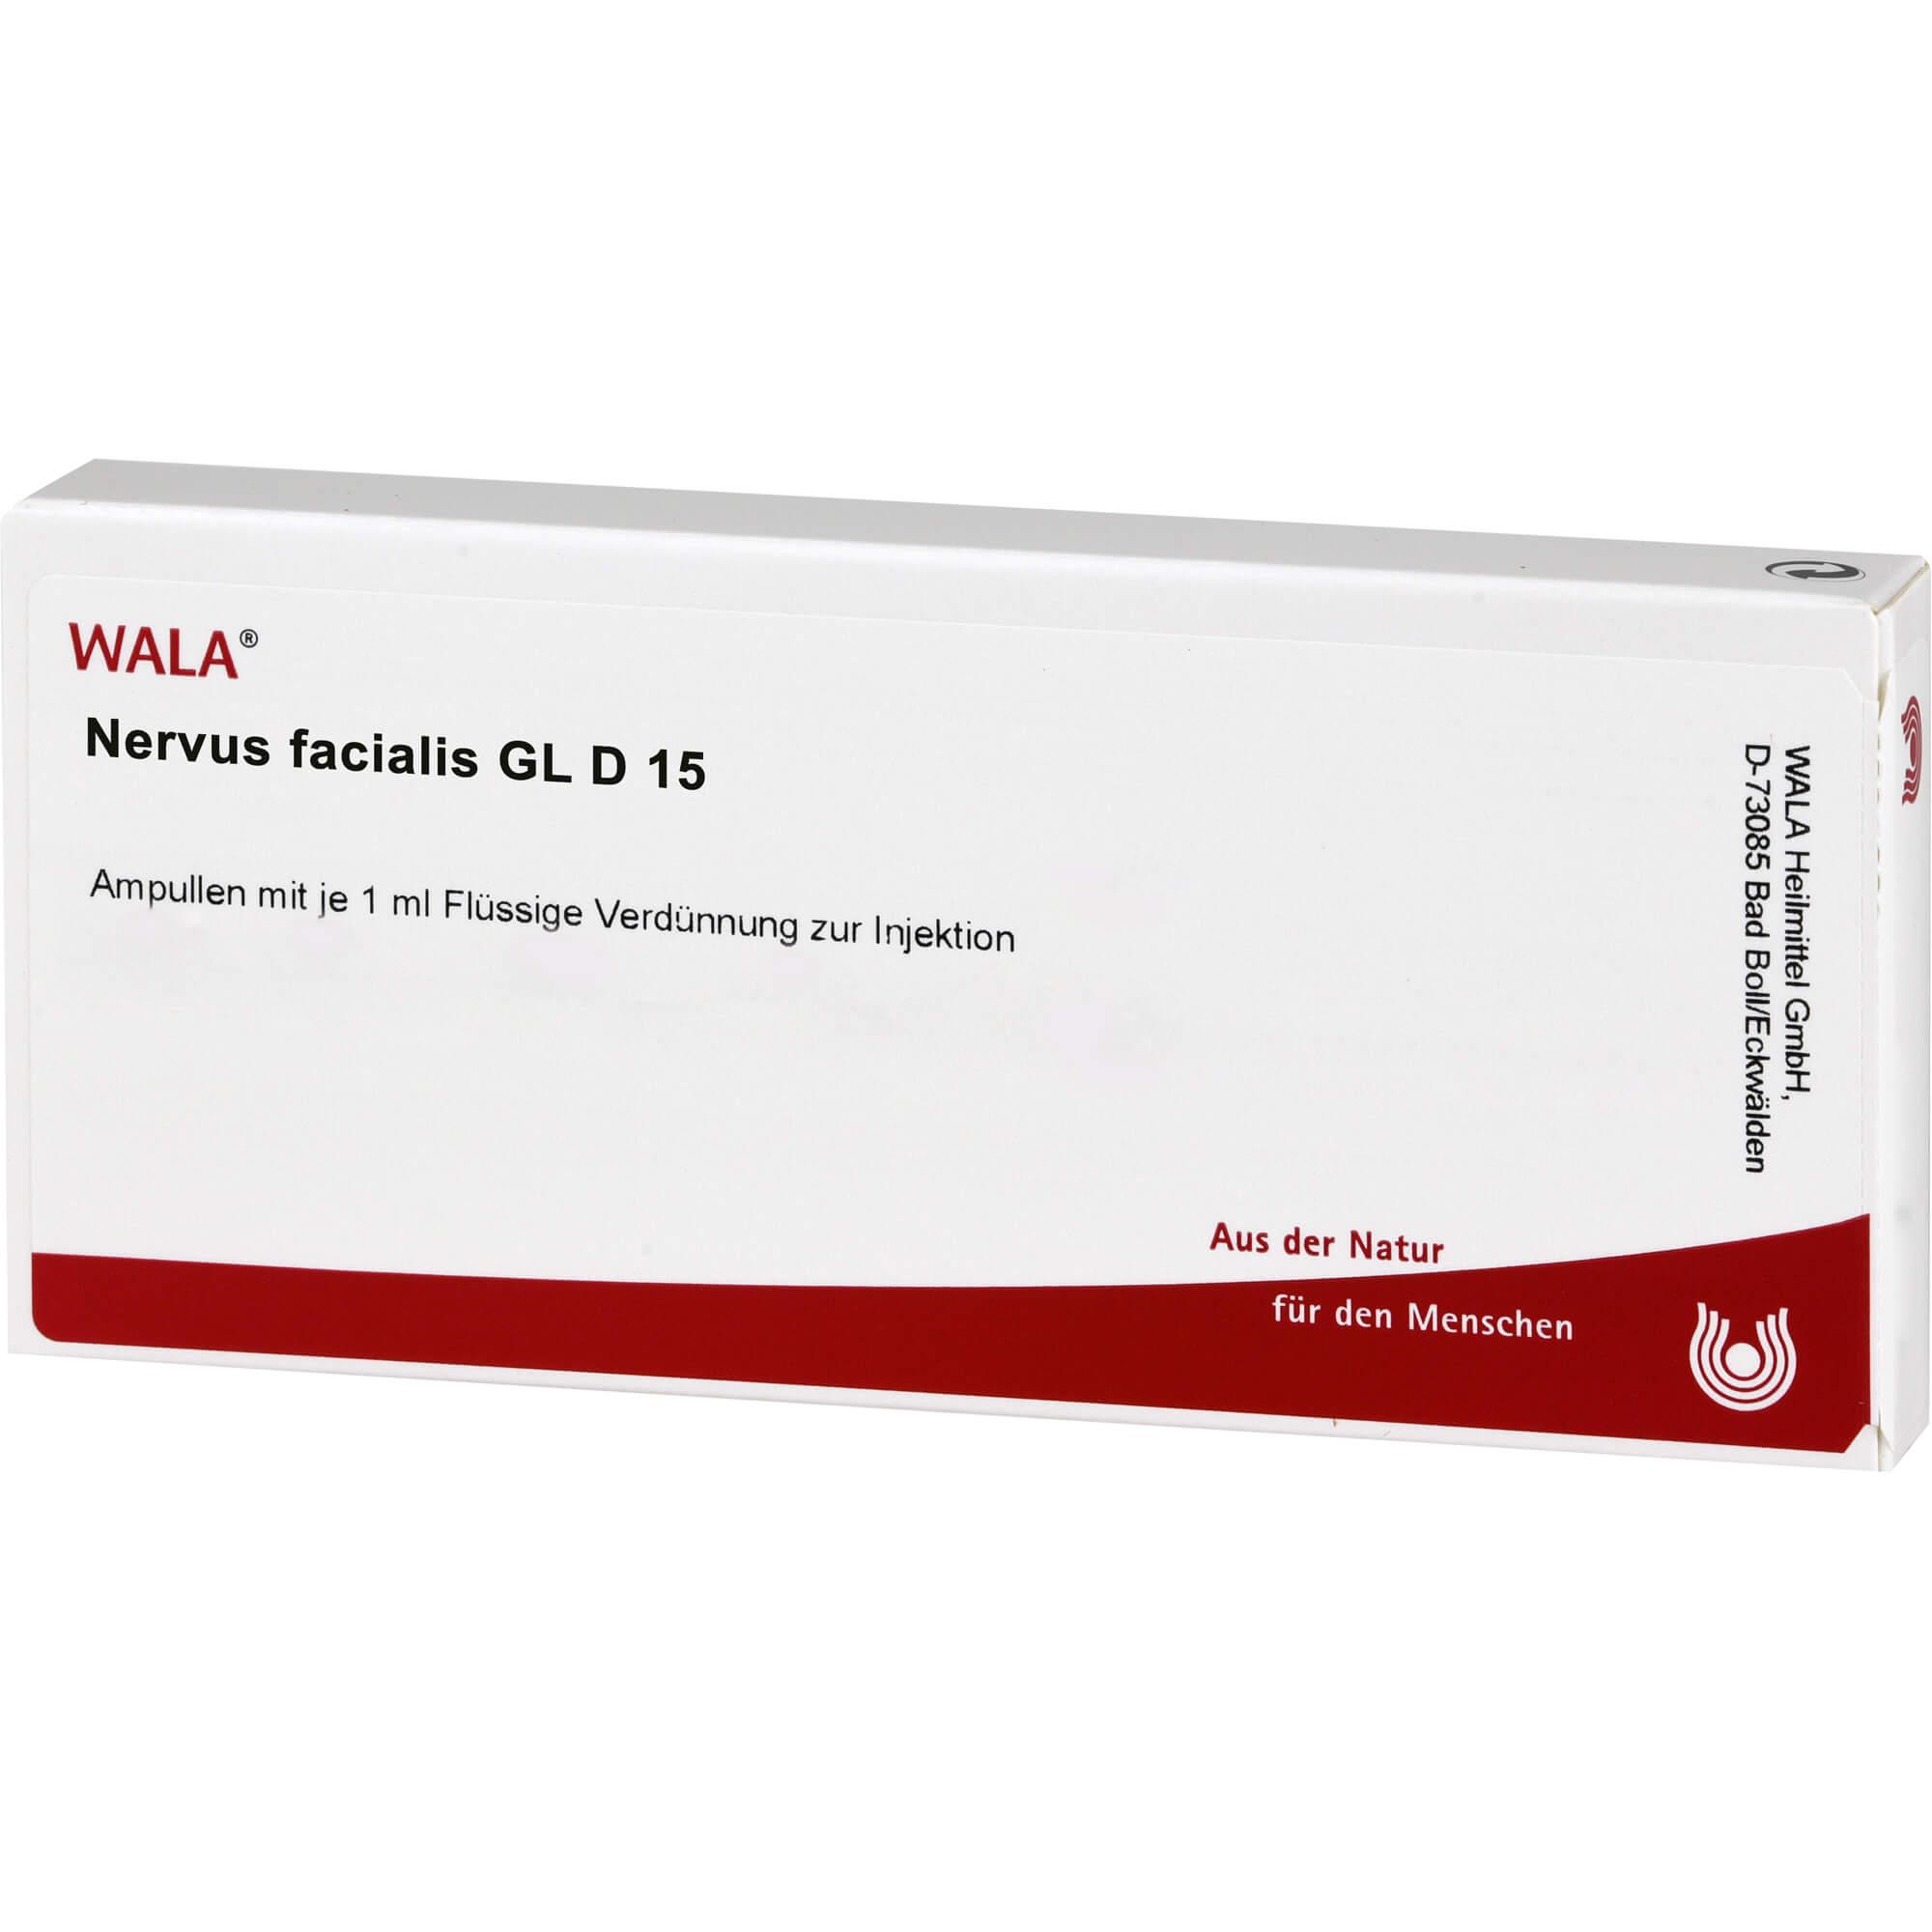 NERVUS FACIALIS GL D 15 Ampullen